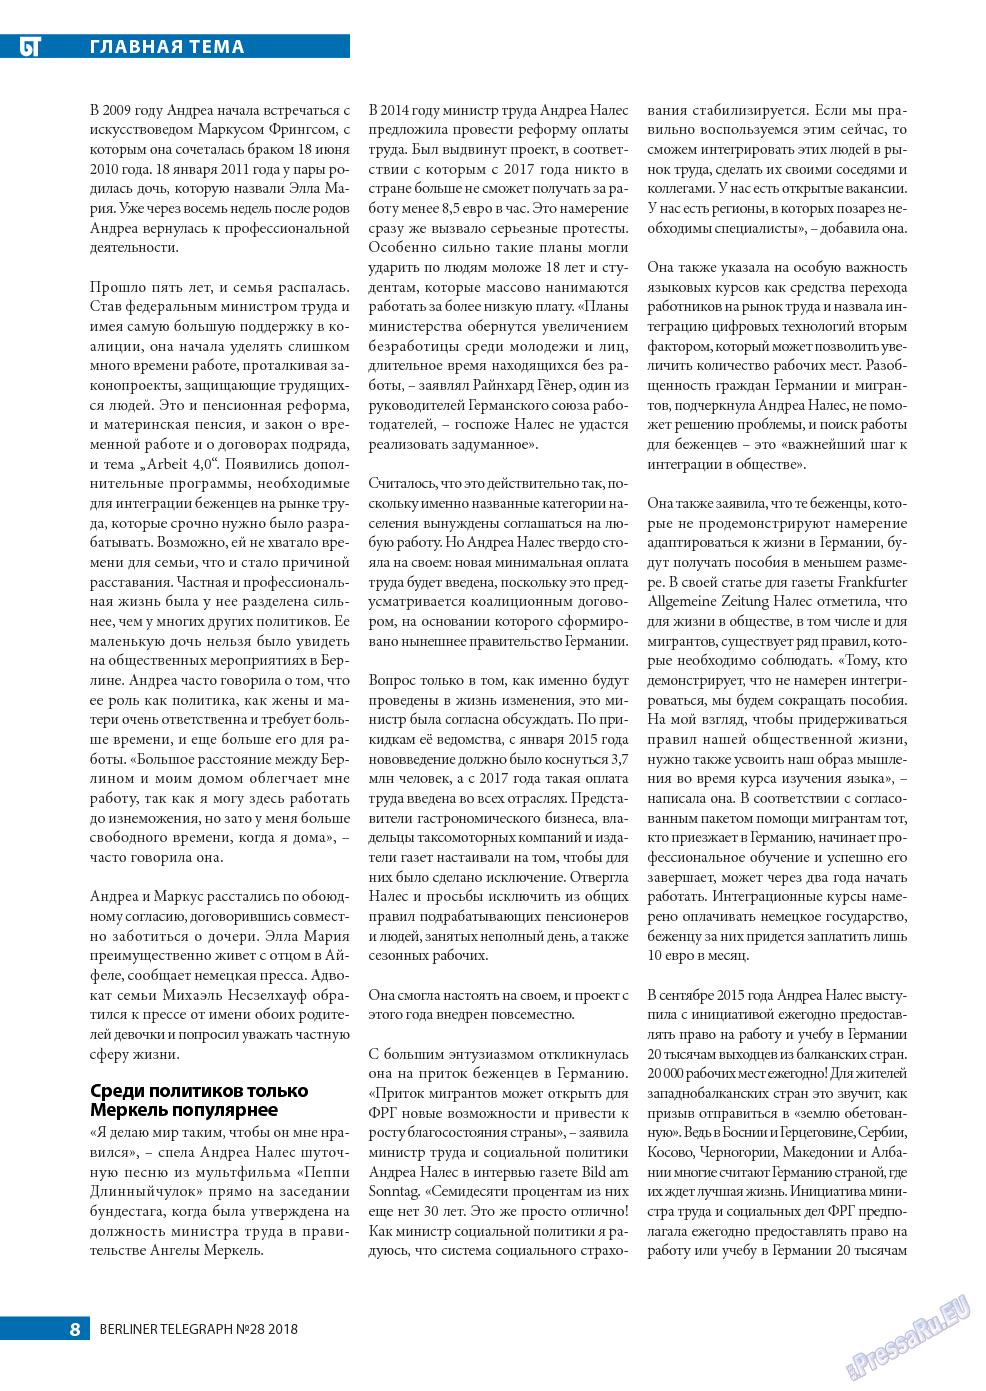 Берлинский телеграф (журнал). 2018 год, номер 28, стр. 8